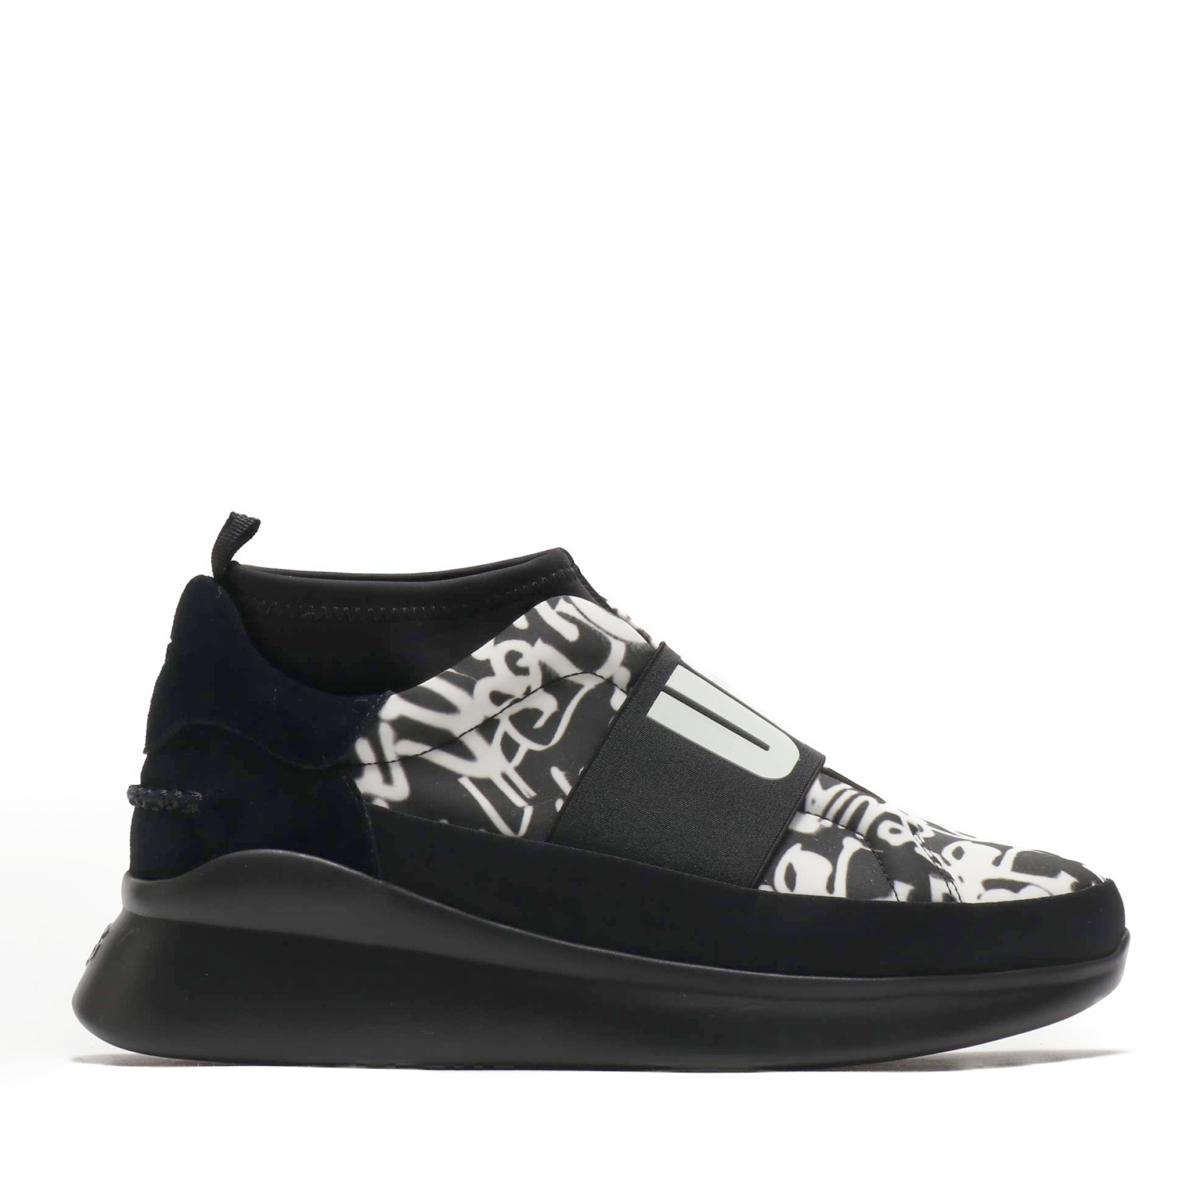 UGG Neutra Sneaker Graffiti Pop(BLACK/WHITE)(アグ ニュートラ スニーカー グラフィティ ポップ)【レディース】【スニーカー】【19FW-I】